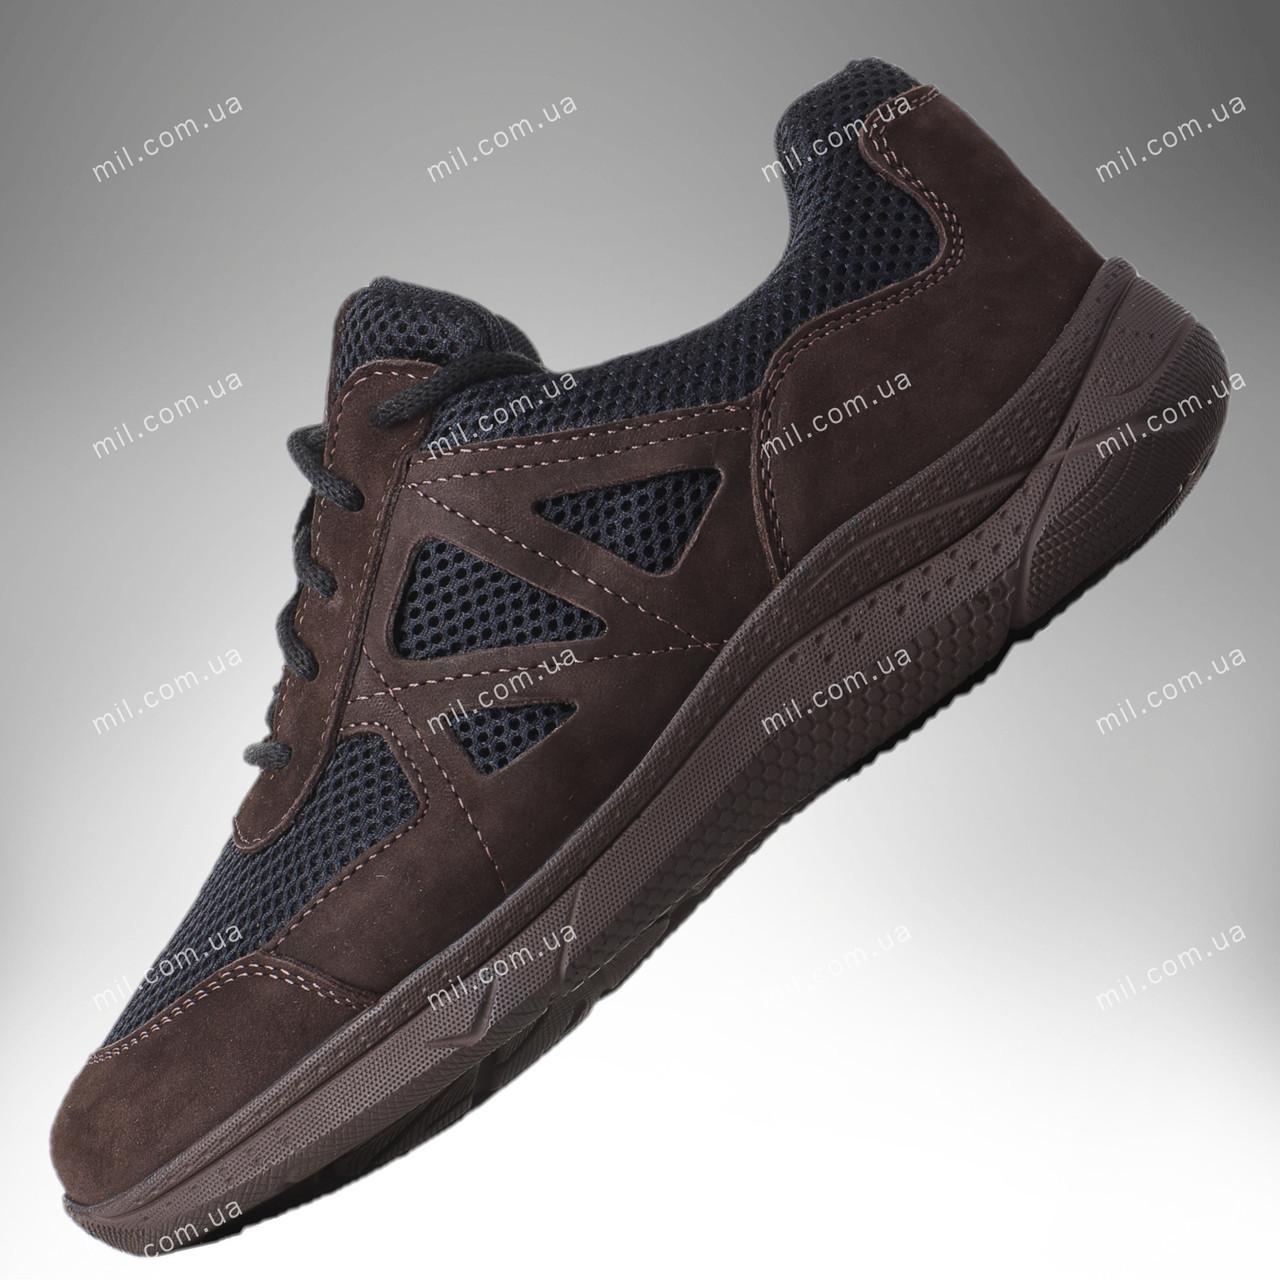 ⭐⭐Тактические демисезонные кроссовки / военная обувь ENIGMA (шоколад) | военные кроссовки, тактические